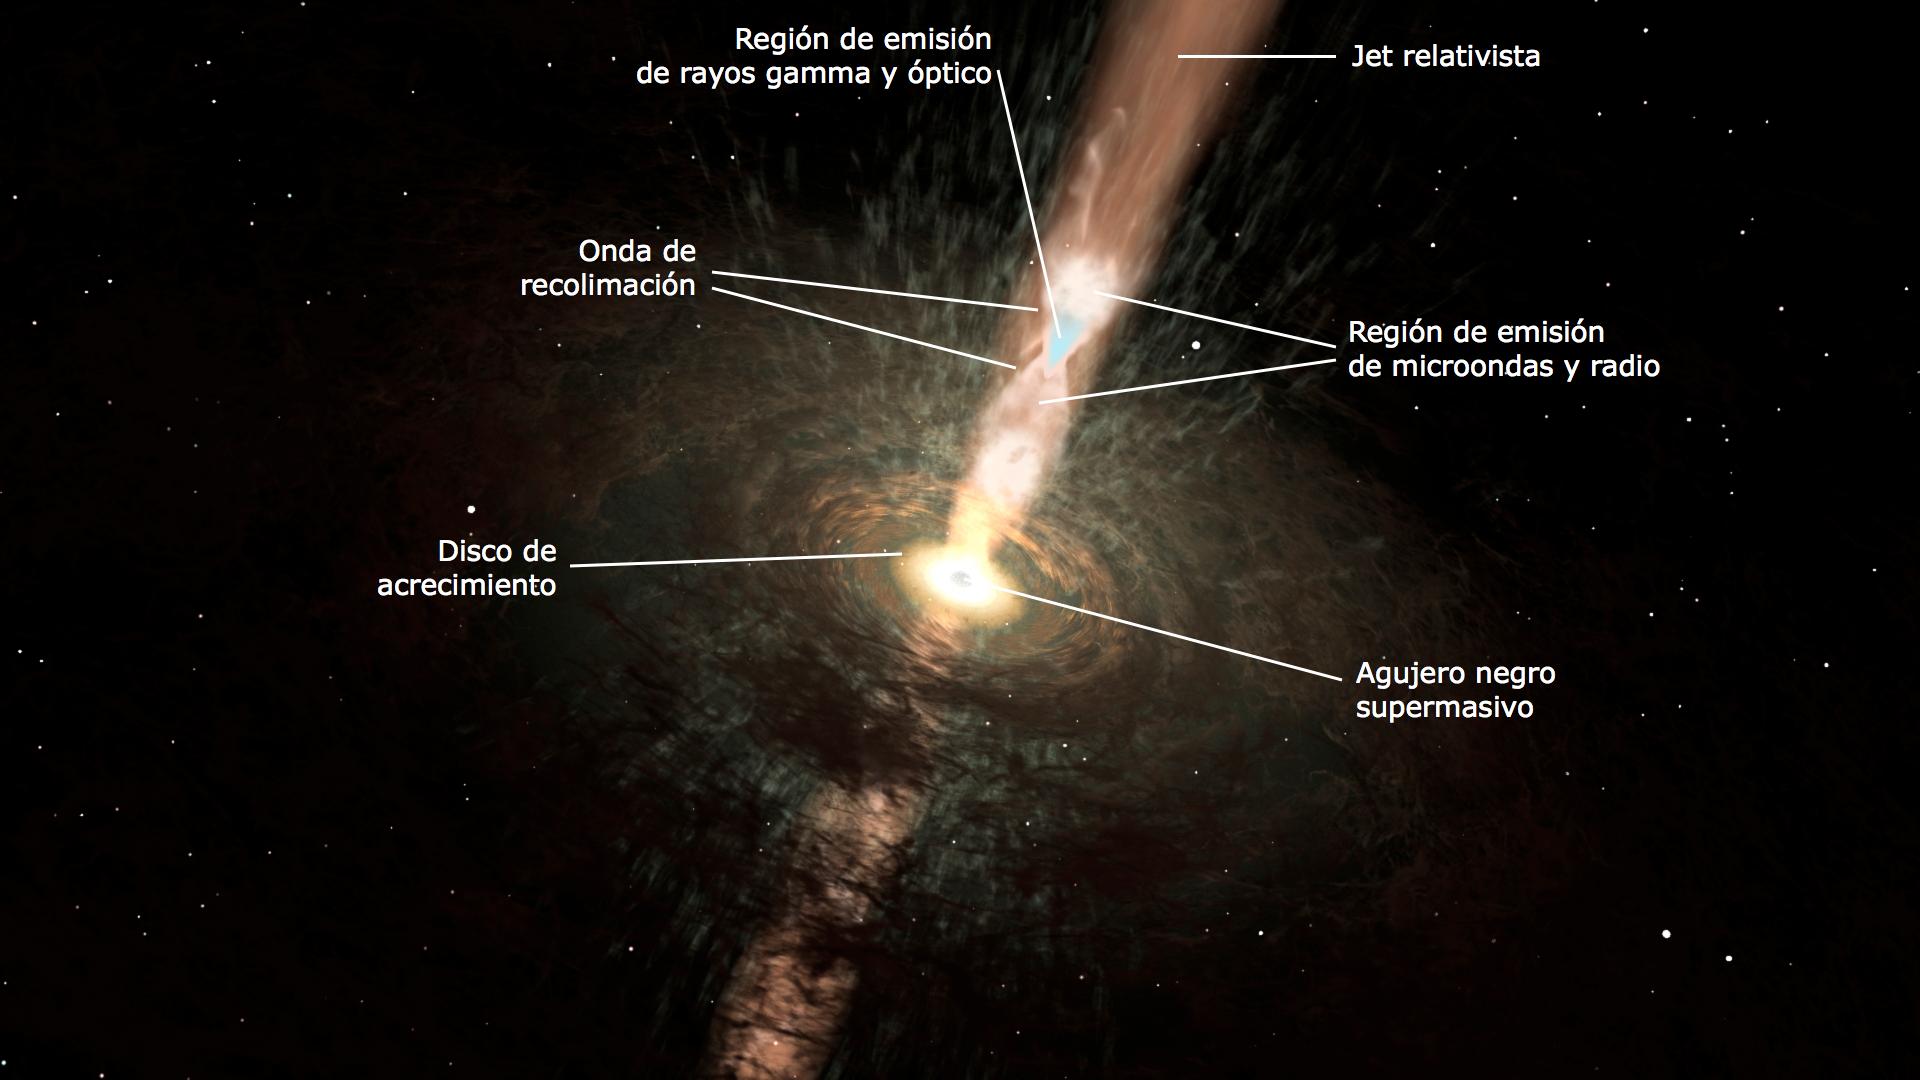 Anatomía de precisión del jet de un agujero negro supermasivo ...